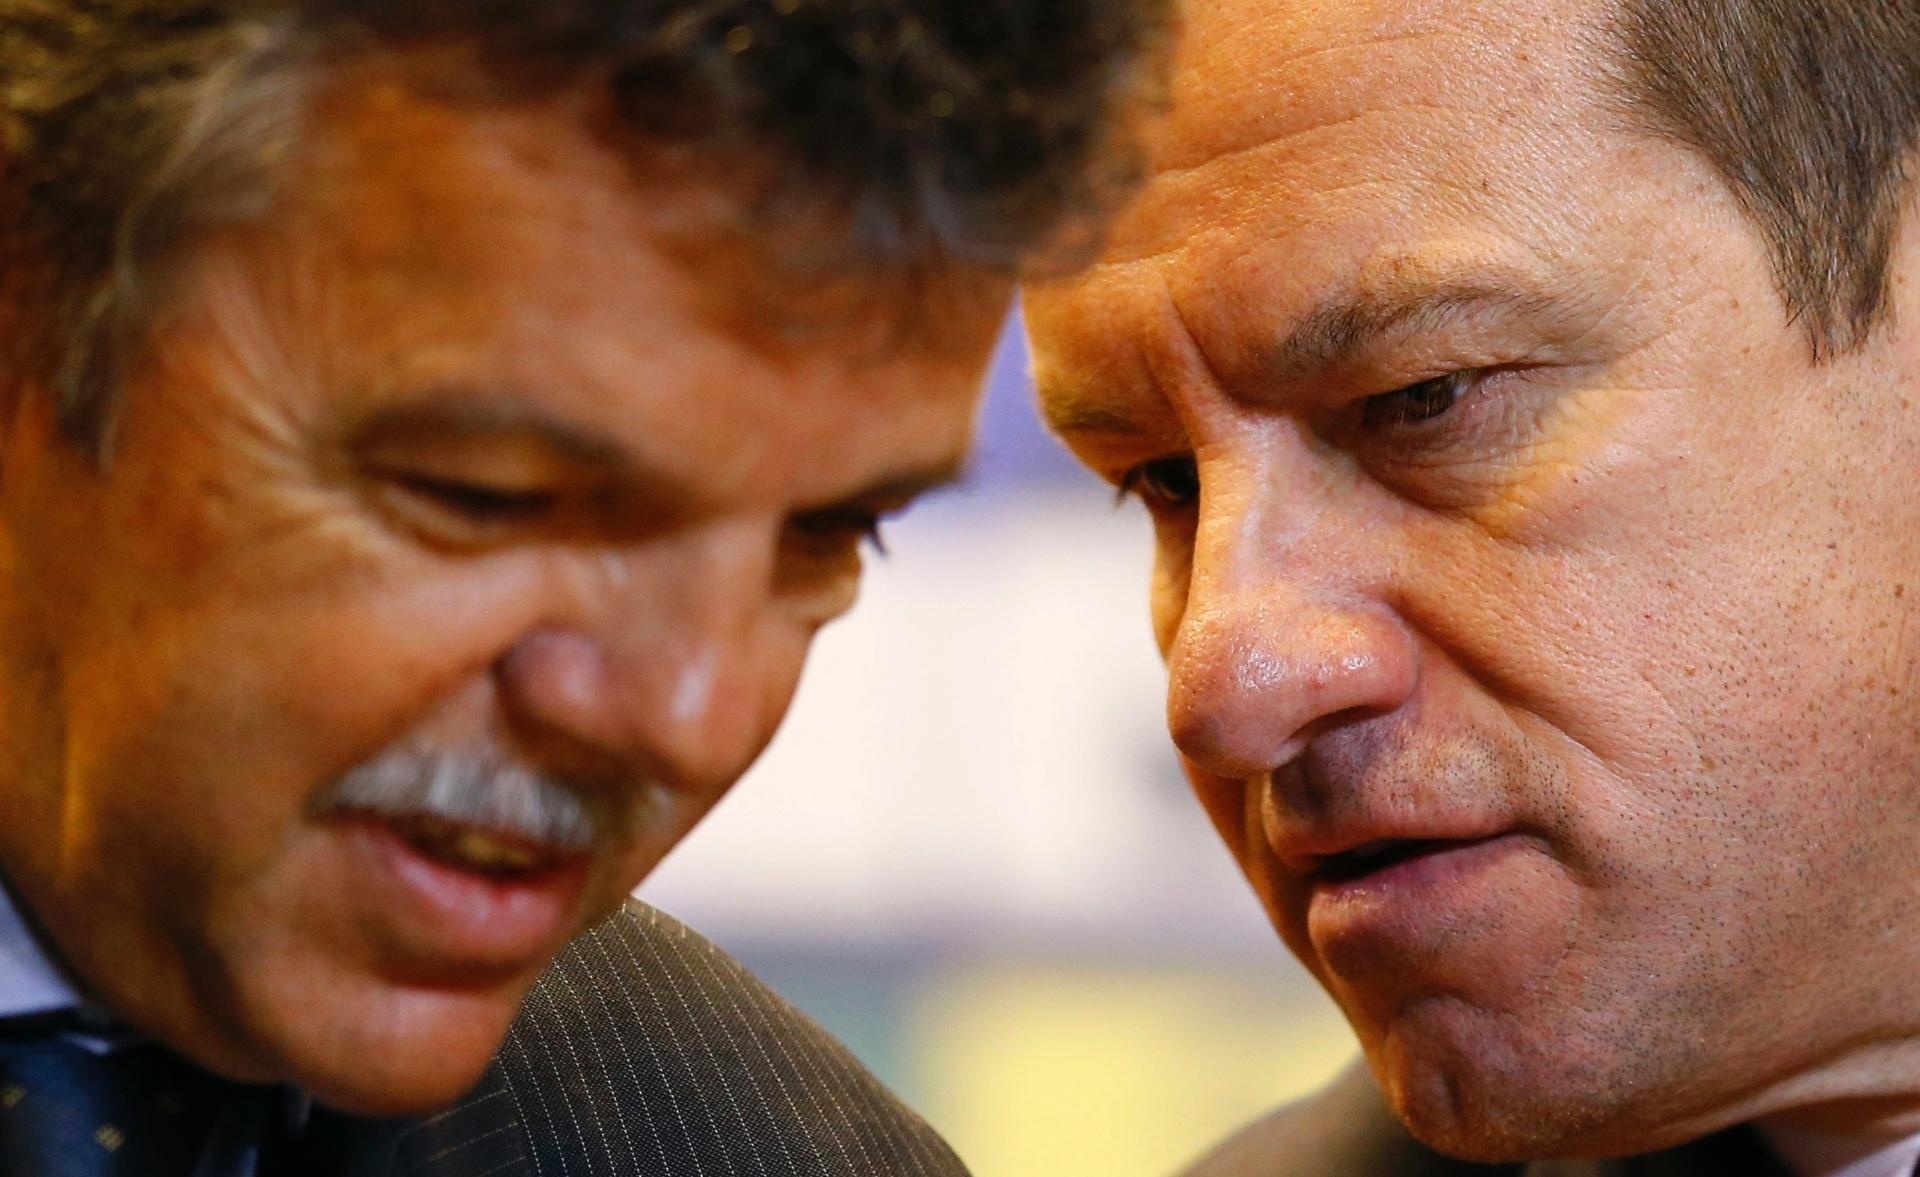 Gilmar Rinaldi, coordenador geral da CBF, e Dunga, técnico da seleção, conversam na apresentação do treinador